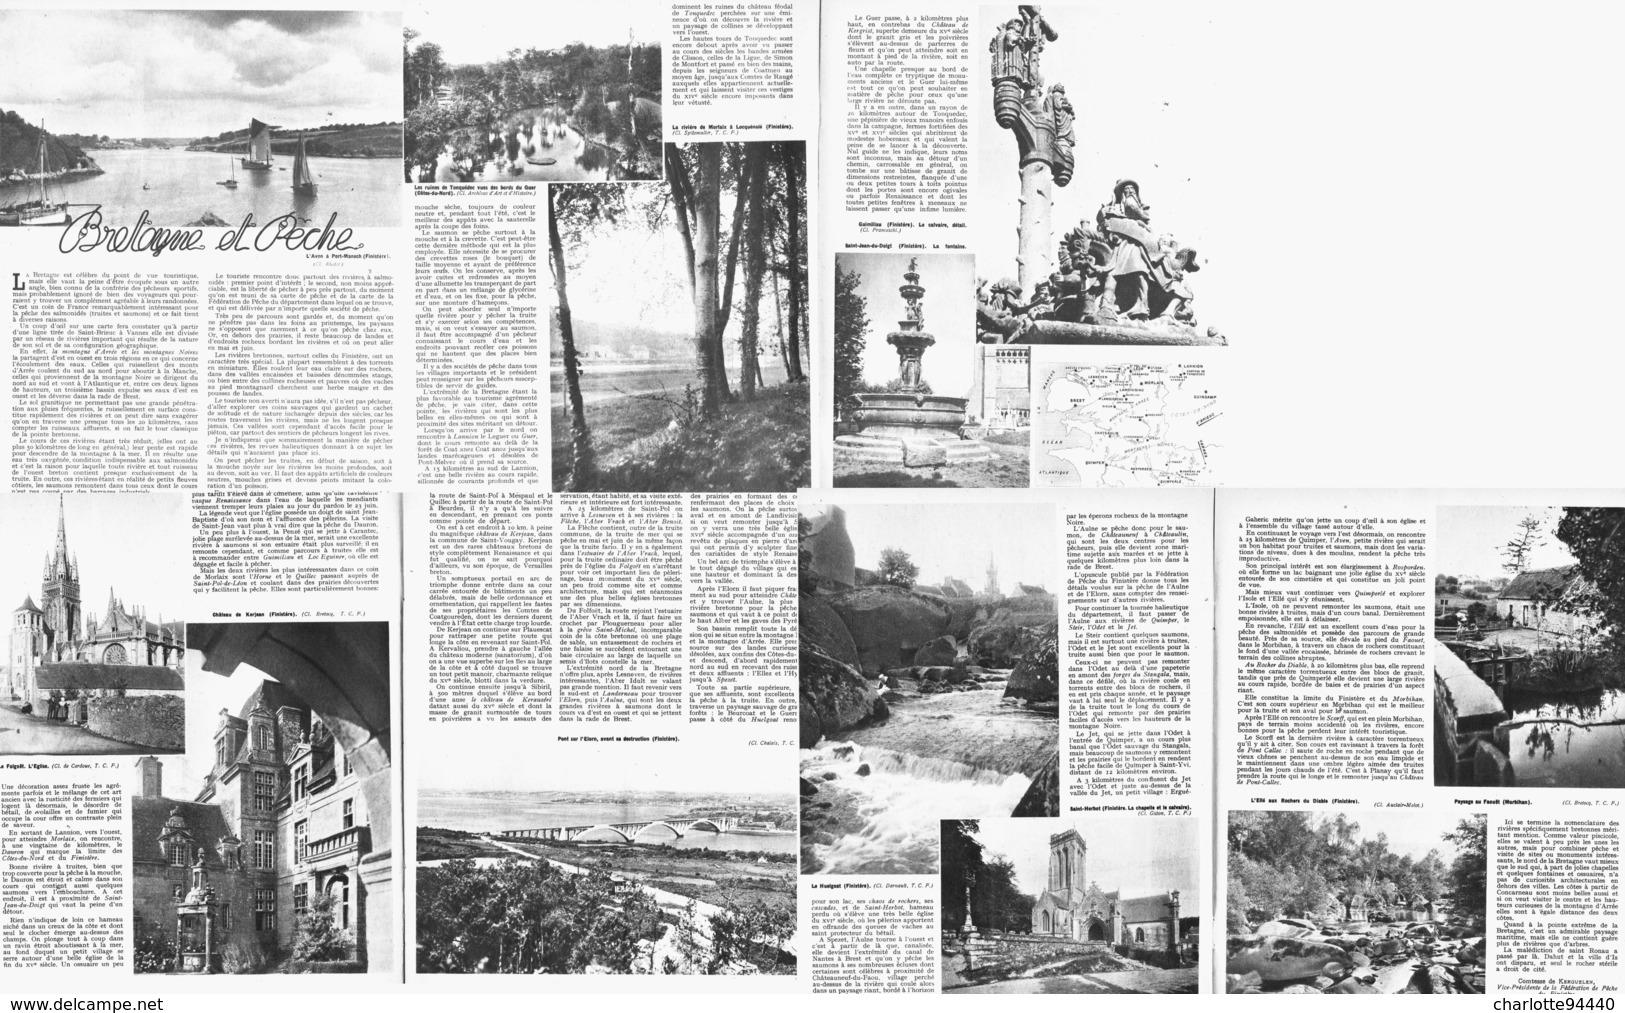 BRETAGNE Et PECHE ( PORT-MANECH / GUIMILIAU / STJEAN-DU-DOIGT / ELEORN / KERJEAN/FOLGOET / ST HERBOT / FAOUET ) 1947 - Bretagne